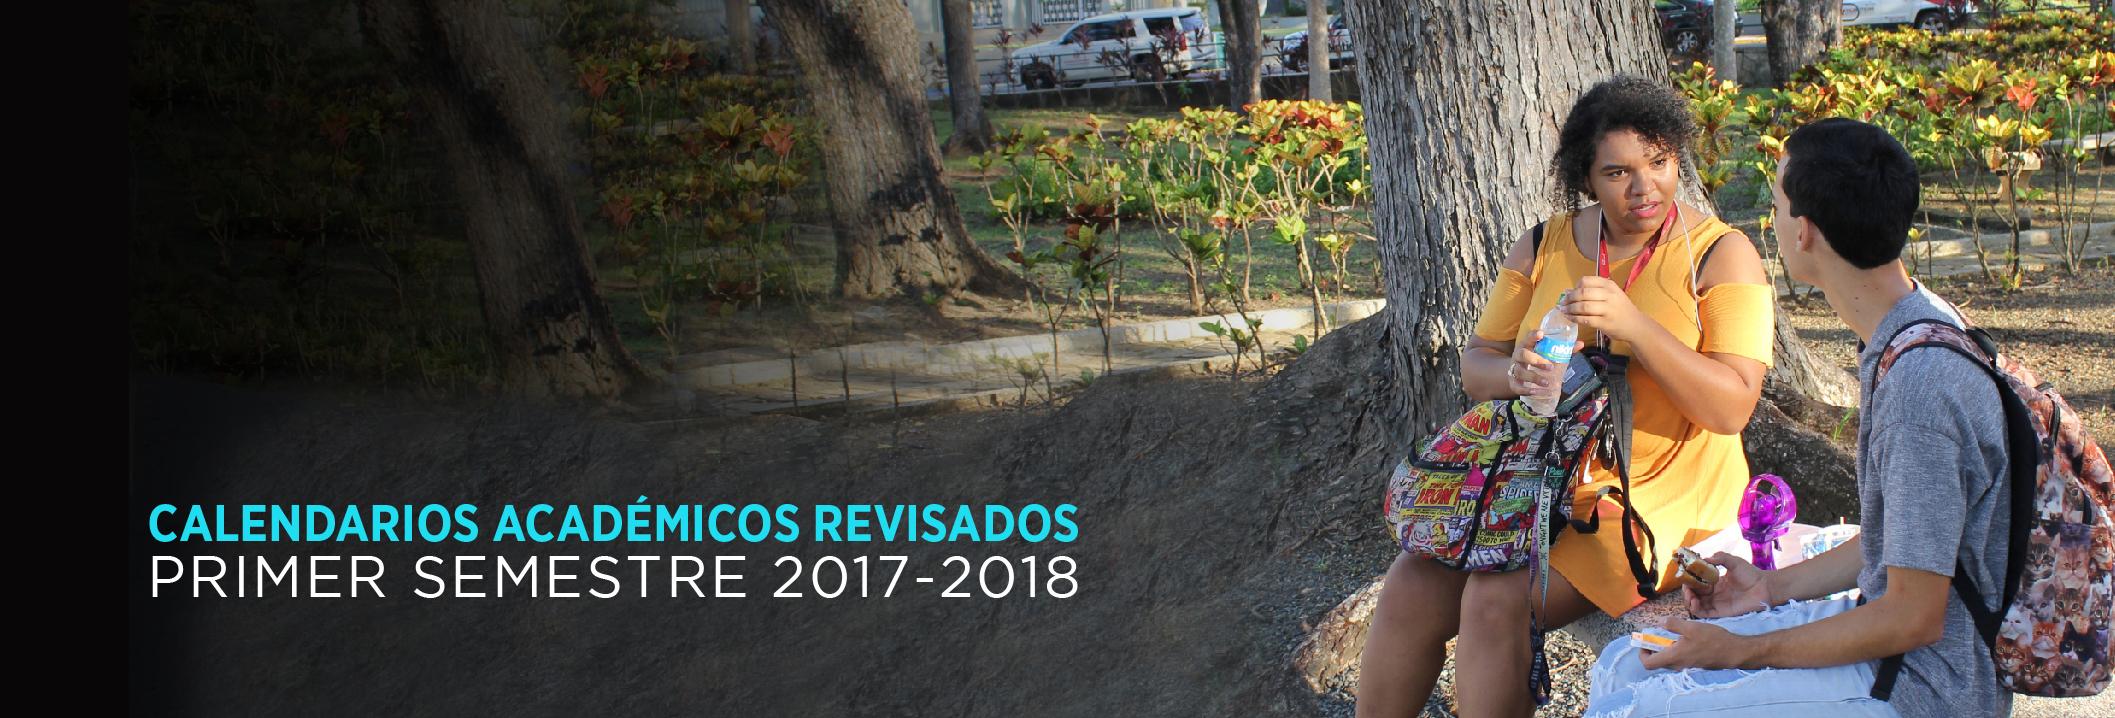 banner-calendarios-academicos-2017-18